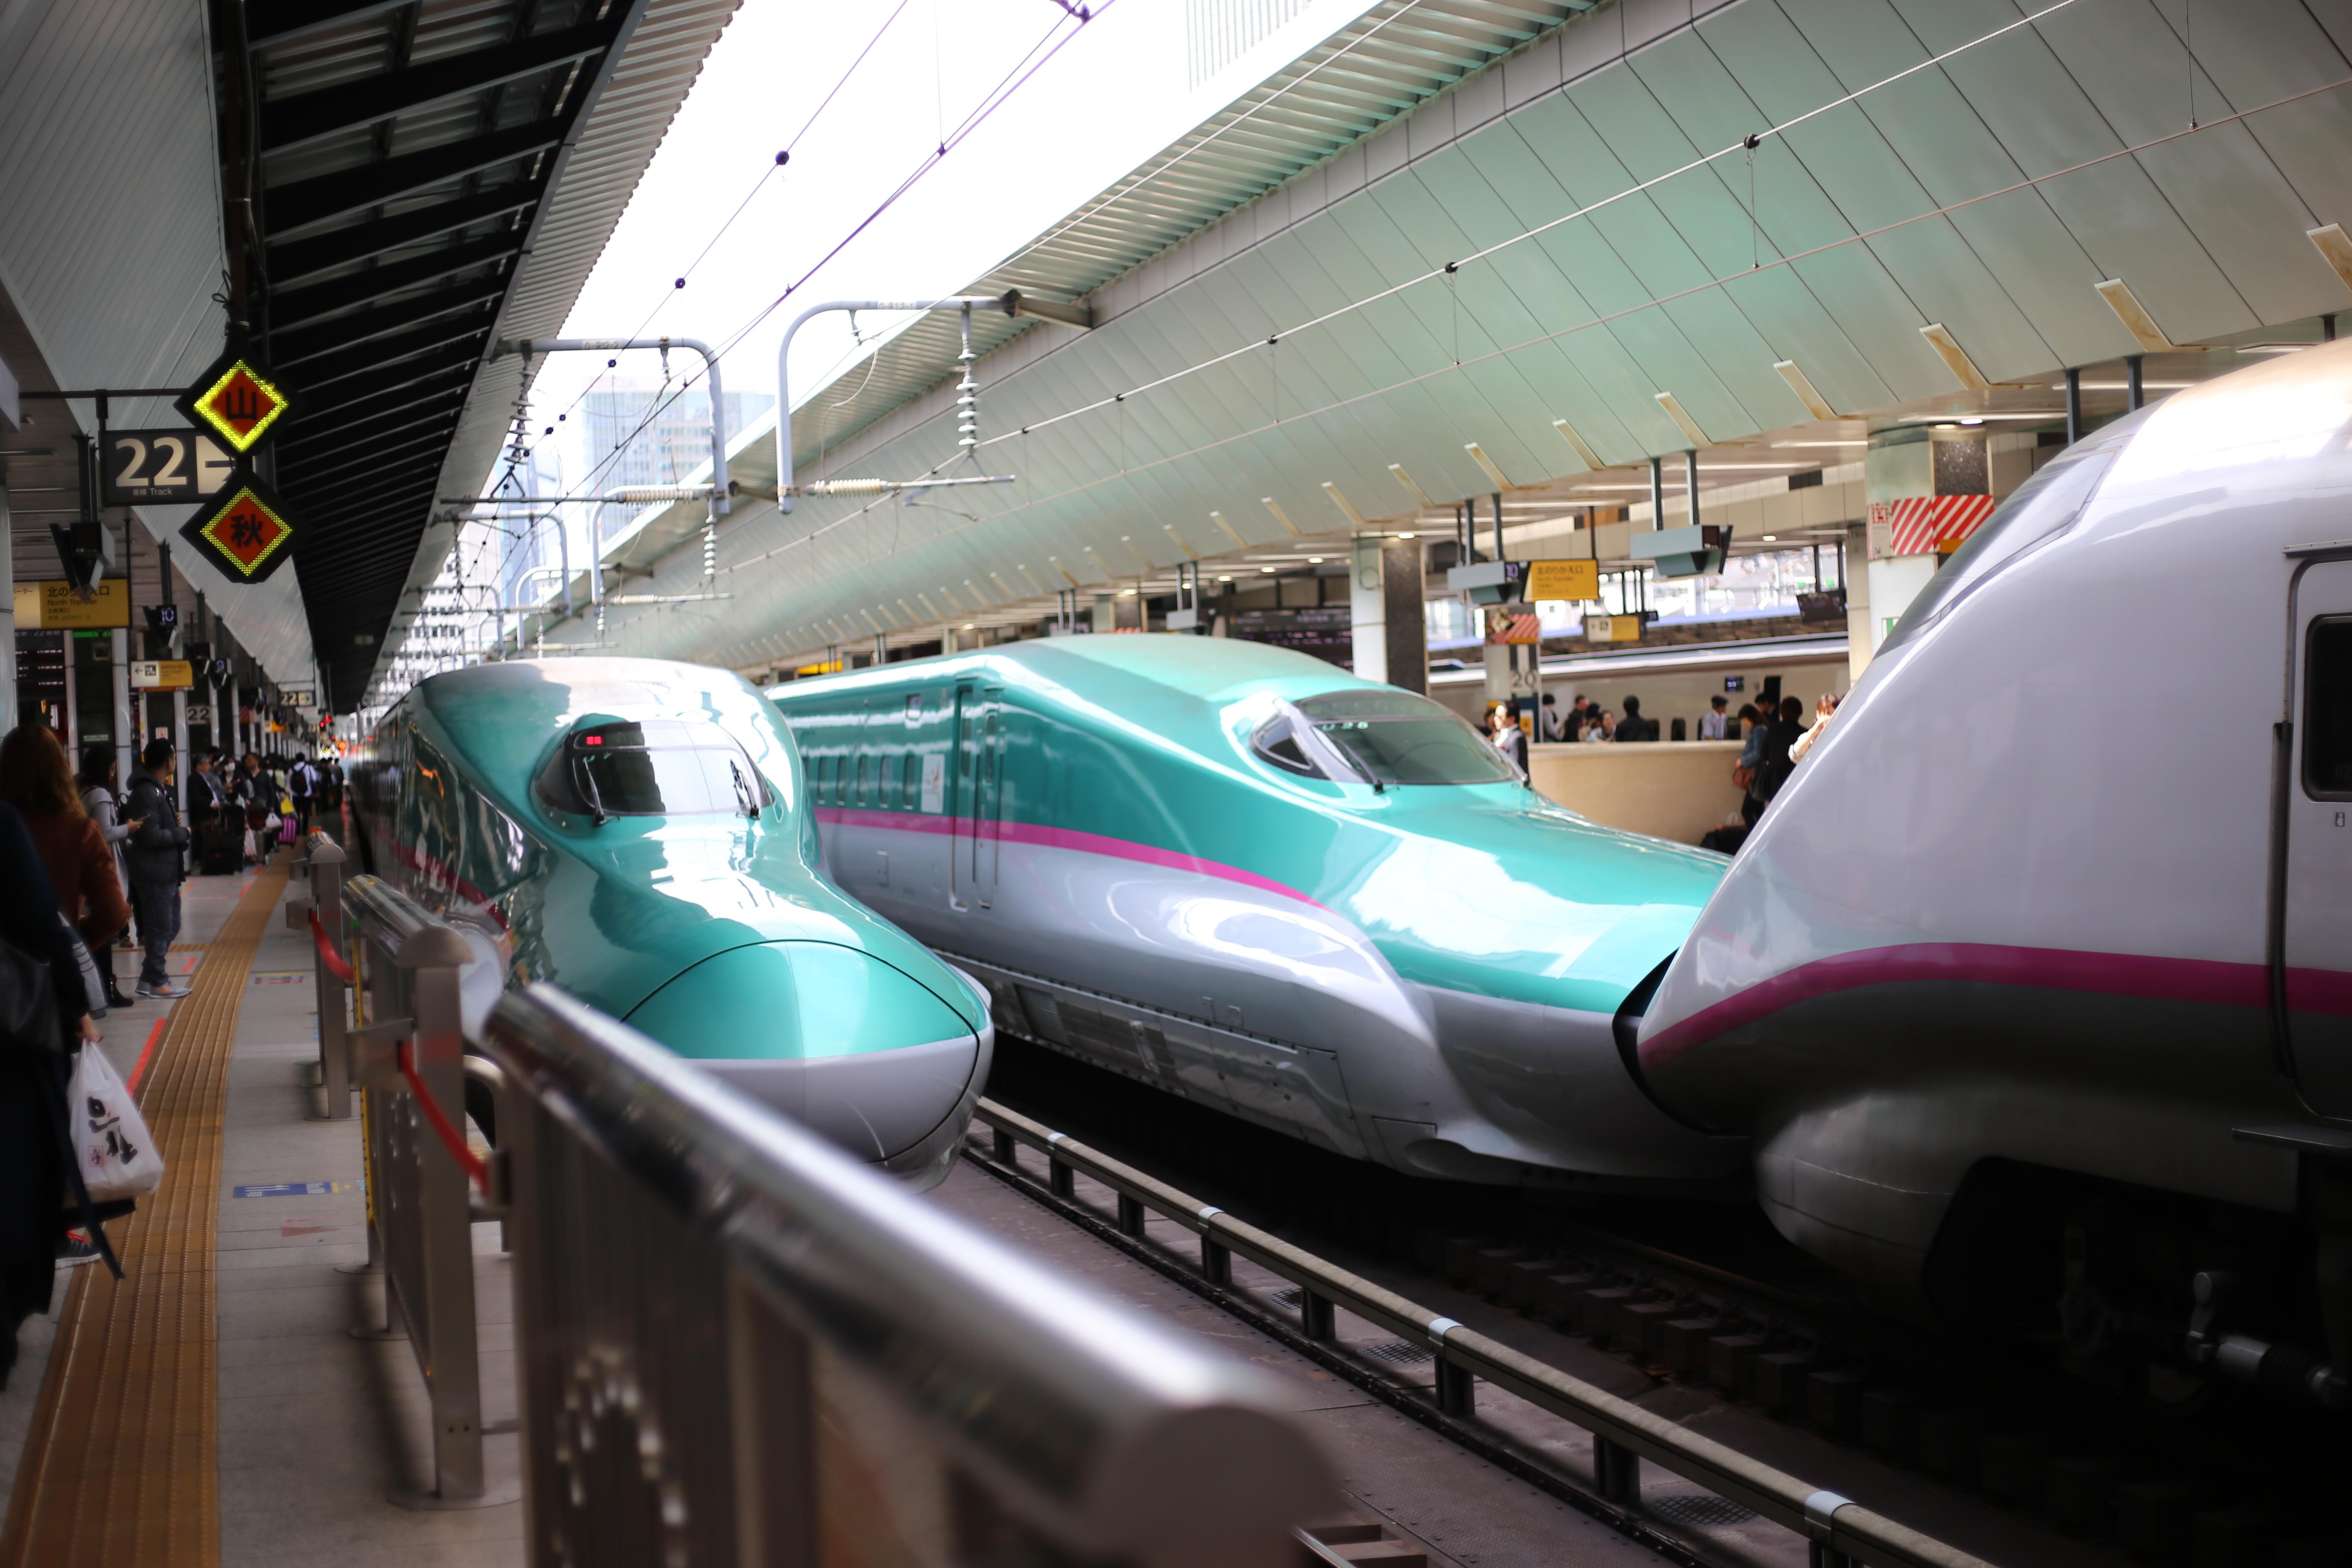 初挑戦 子連れ新幹線 「はやぶさ」どの席を予約すべきか(内部画像あり)